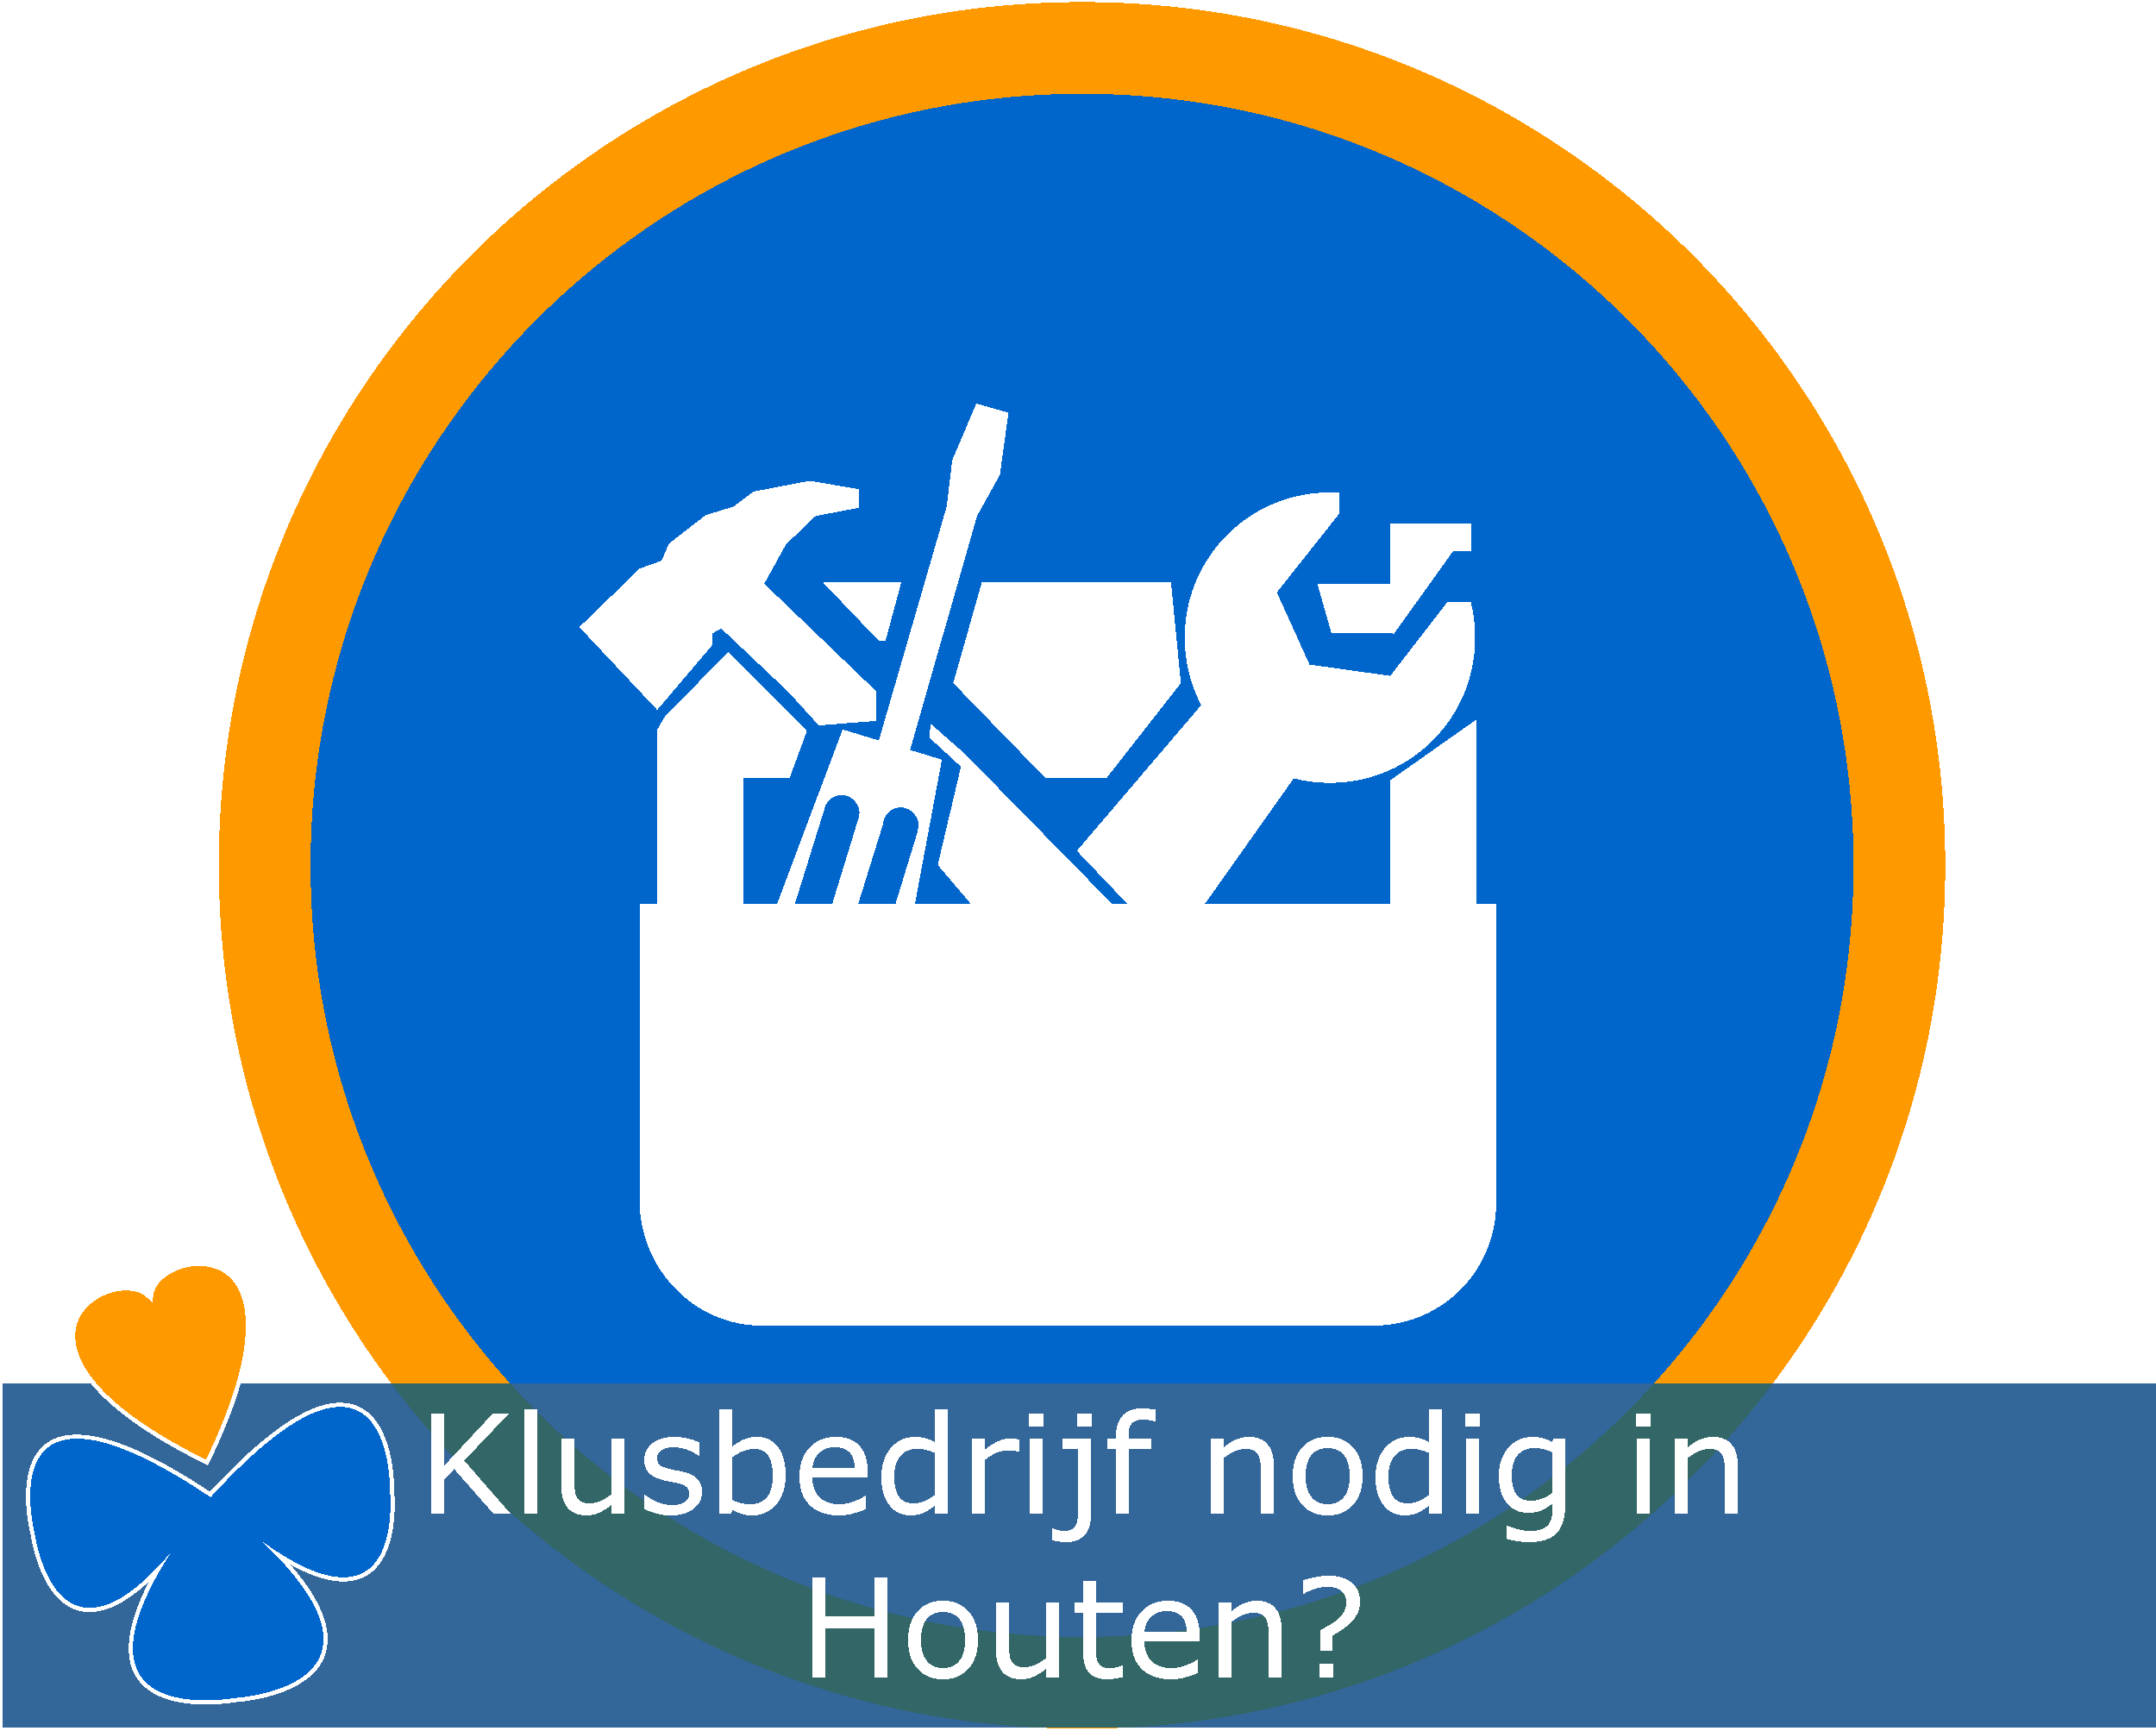 Klusbedrijf Houten en omgeving nodig? Wij matchen het juiste klusbedrijf! Klusbedrijven staan klaar in Houten.